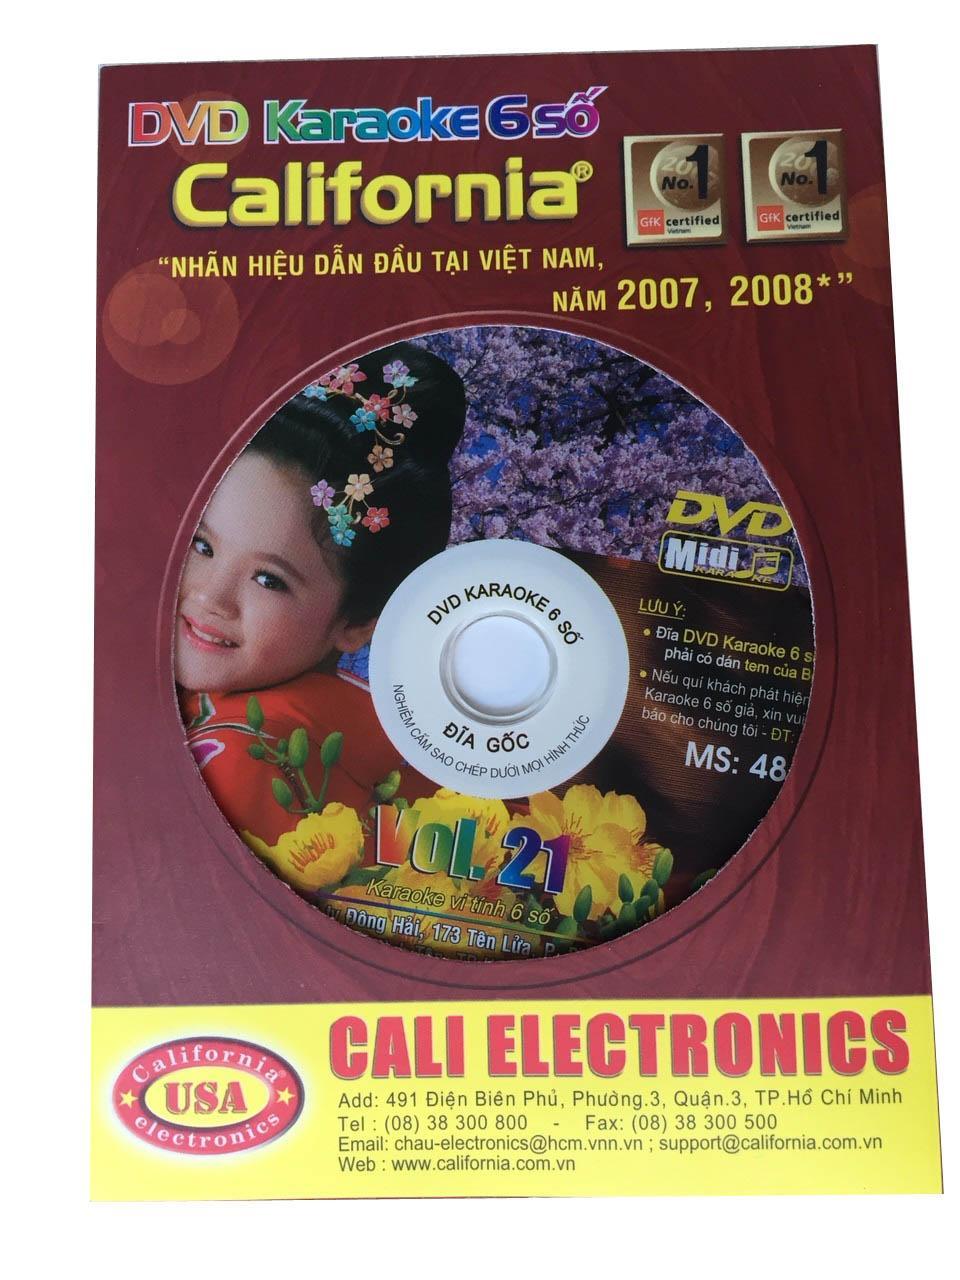 Đĩa DVD Karaoke 6 số California mới nhất Vol 21 - MS 48 (Mã số 48, hình 1 đứa bé Nhật) + List nhạc Vol 21(Nâu)